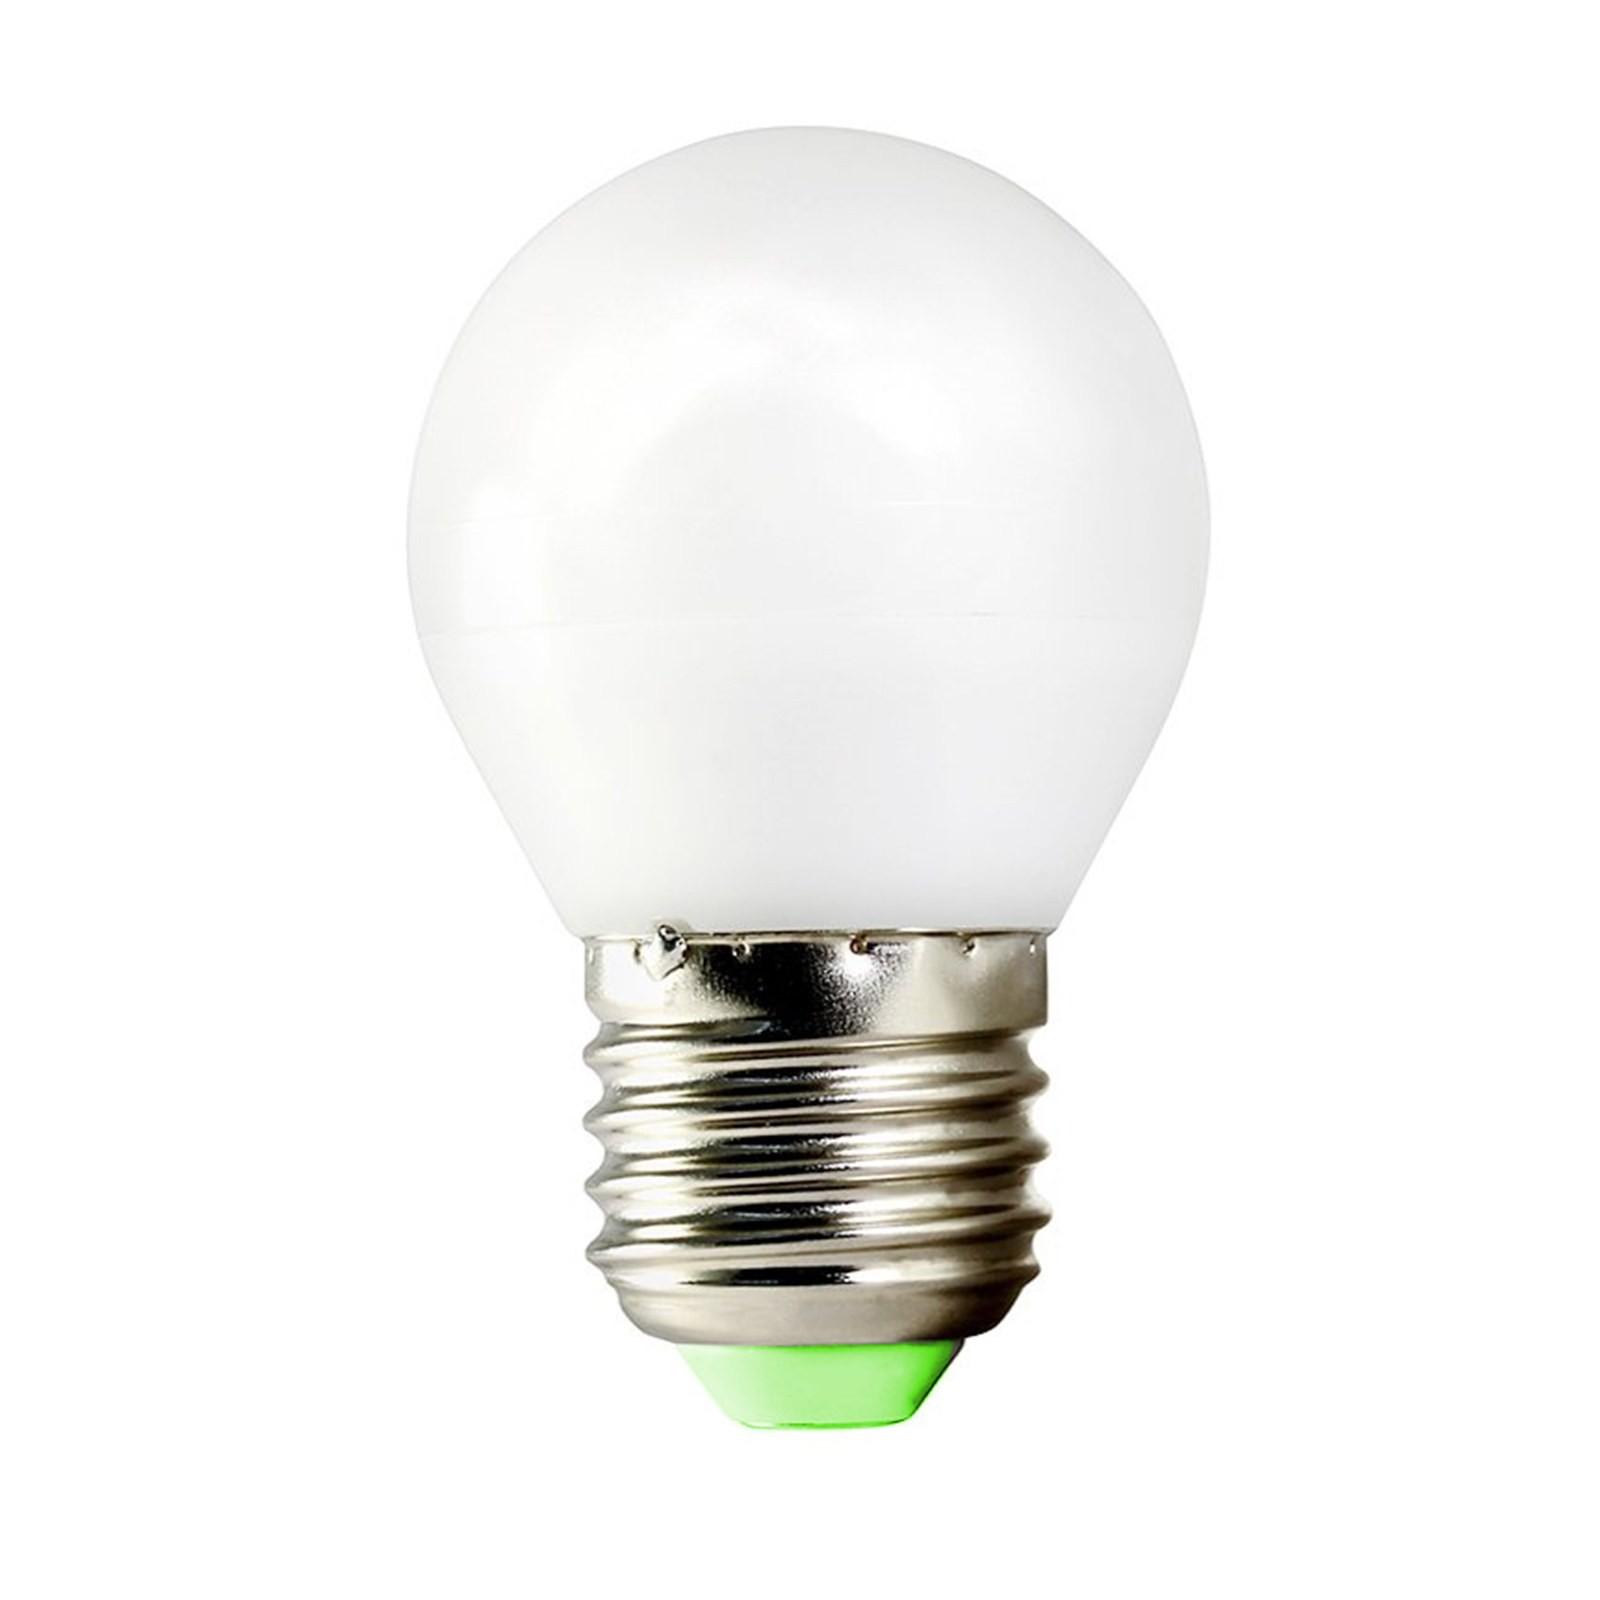 Lampada lampadina led attacco e27 5 w mini sfera luce for Lampada led lunga